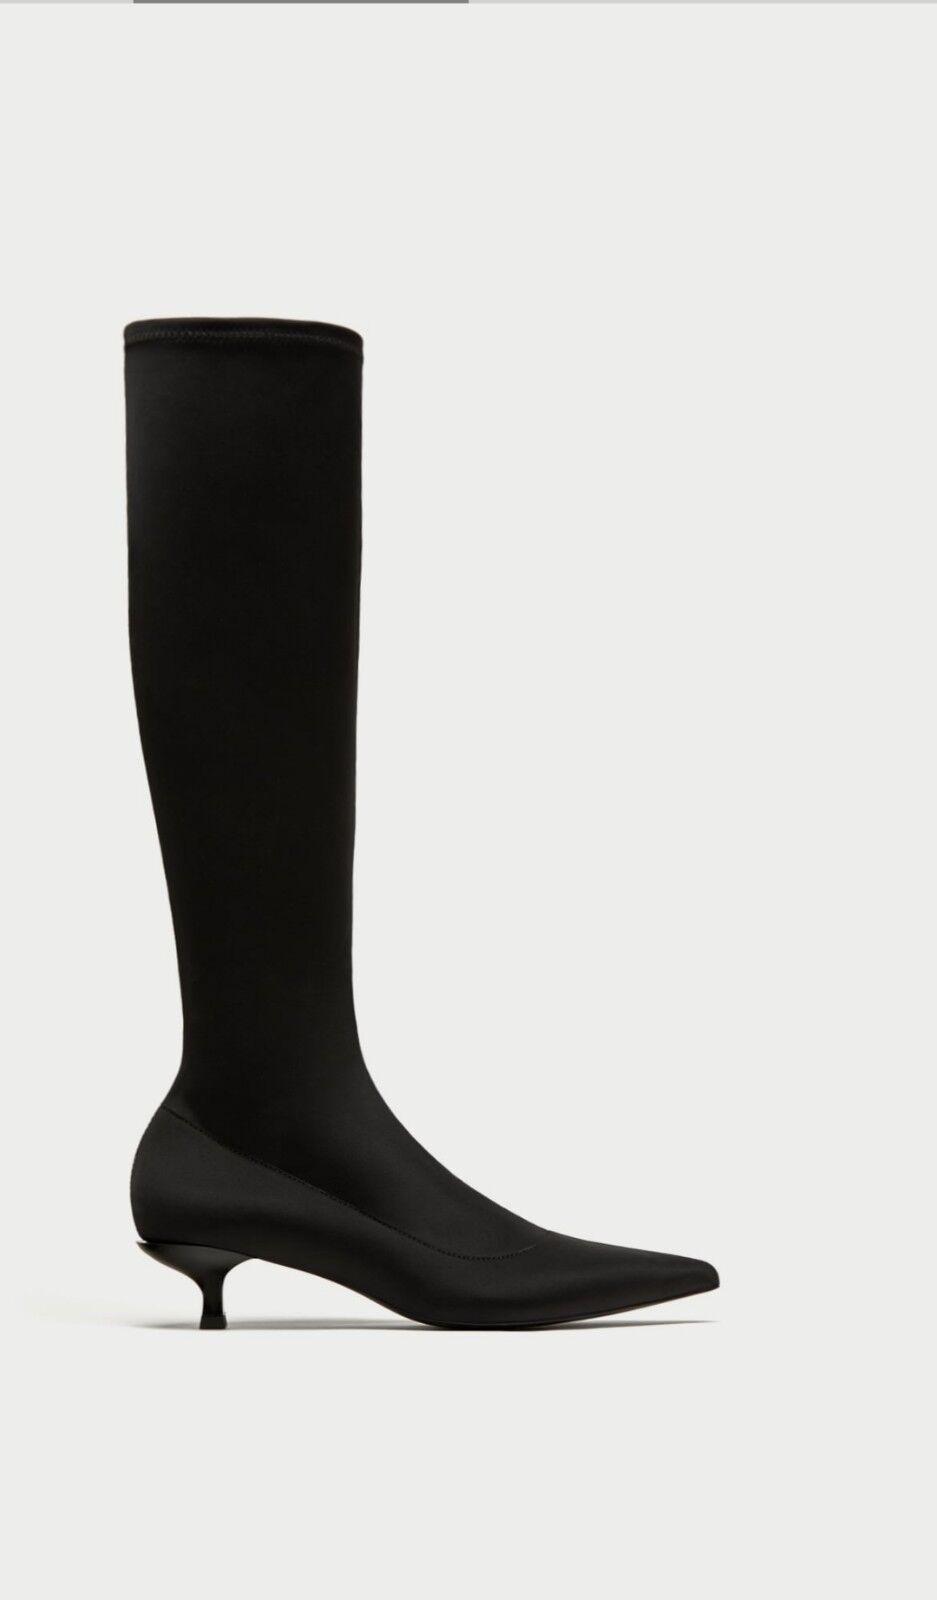 ZARA BLACK  ELASTIC HEEL BOOTS SIZE UK-5  EU-38